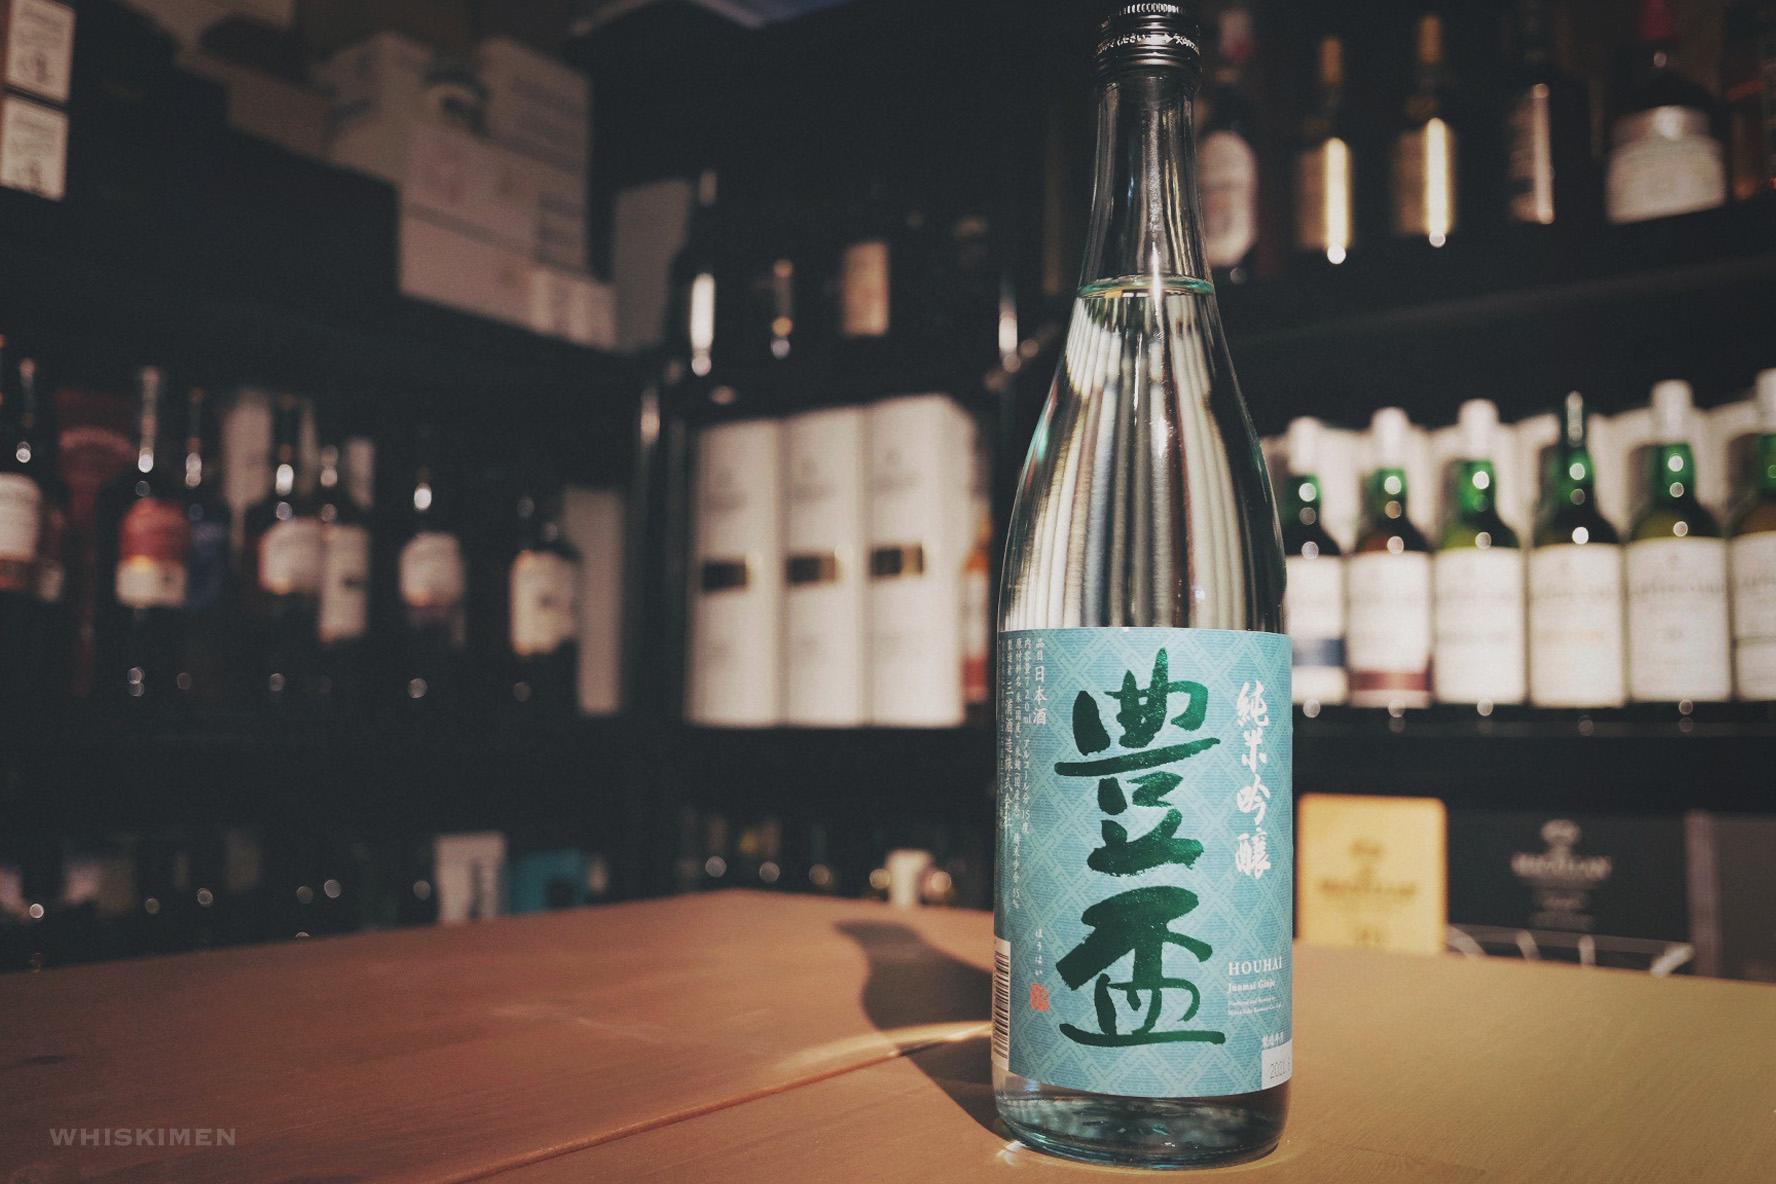 豐盃 純米吟釀 涼風 すずかぜ 青森県 三浦酒造 華想い, 豊盃米